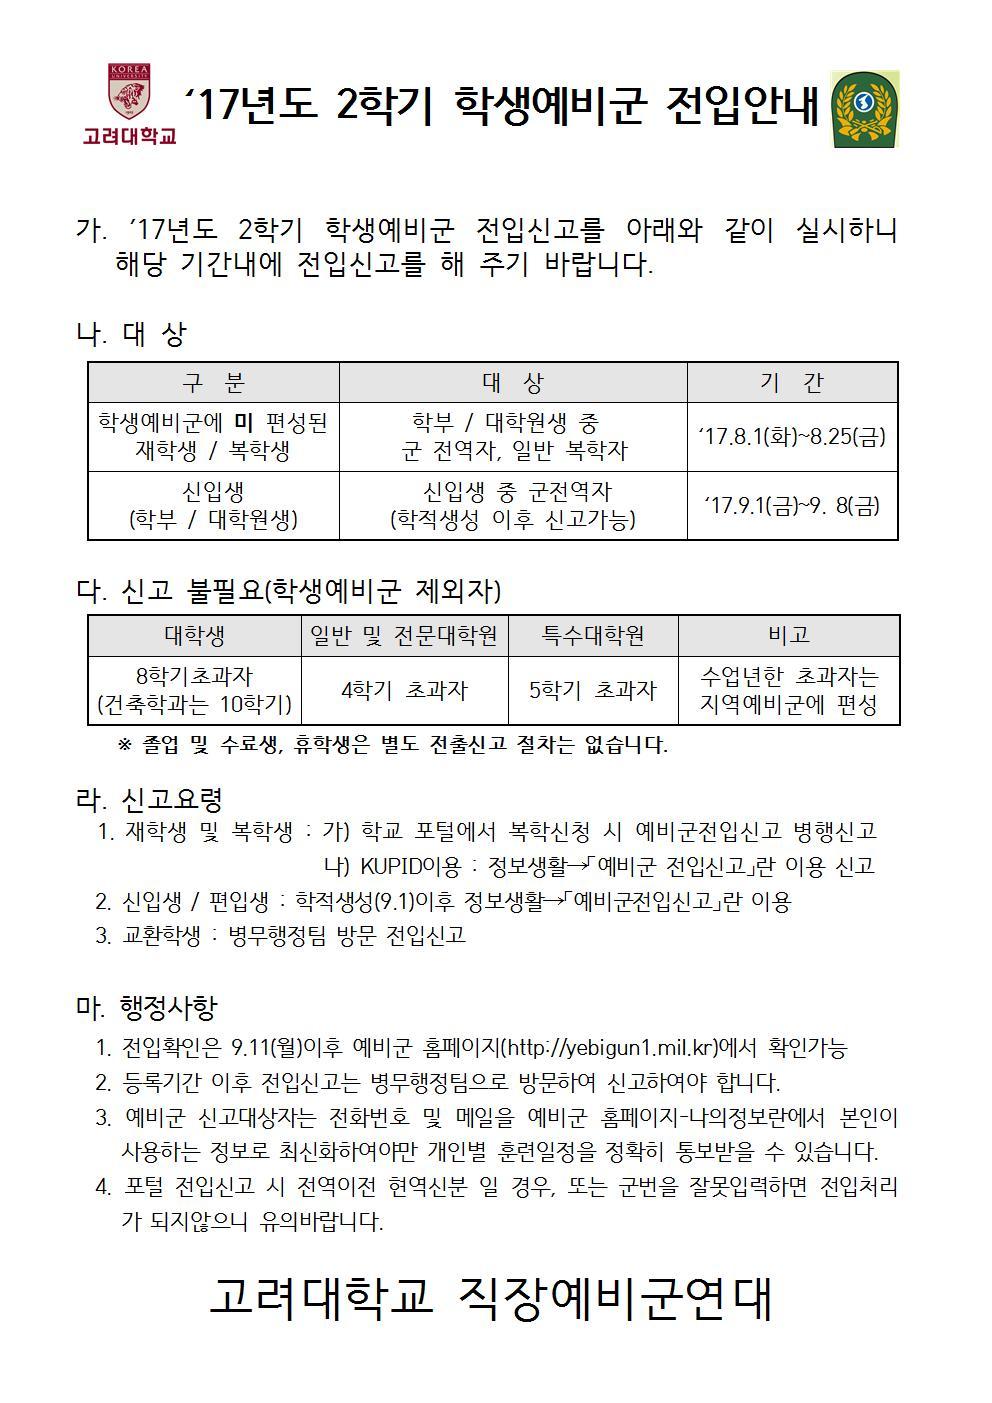 2017년도 2학기 학생예비군 전입안내.jpg